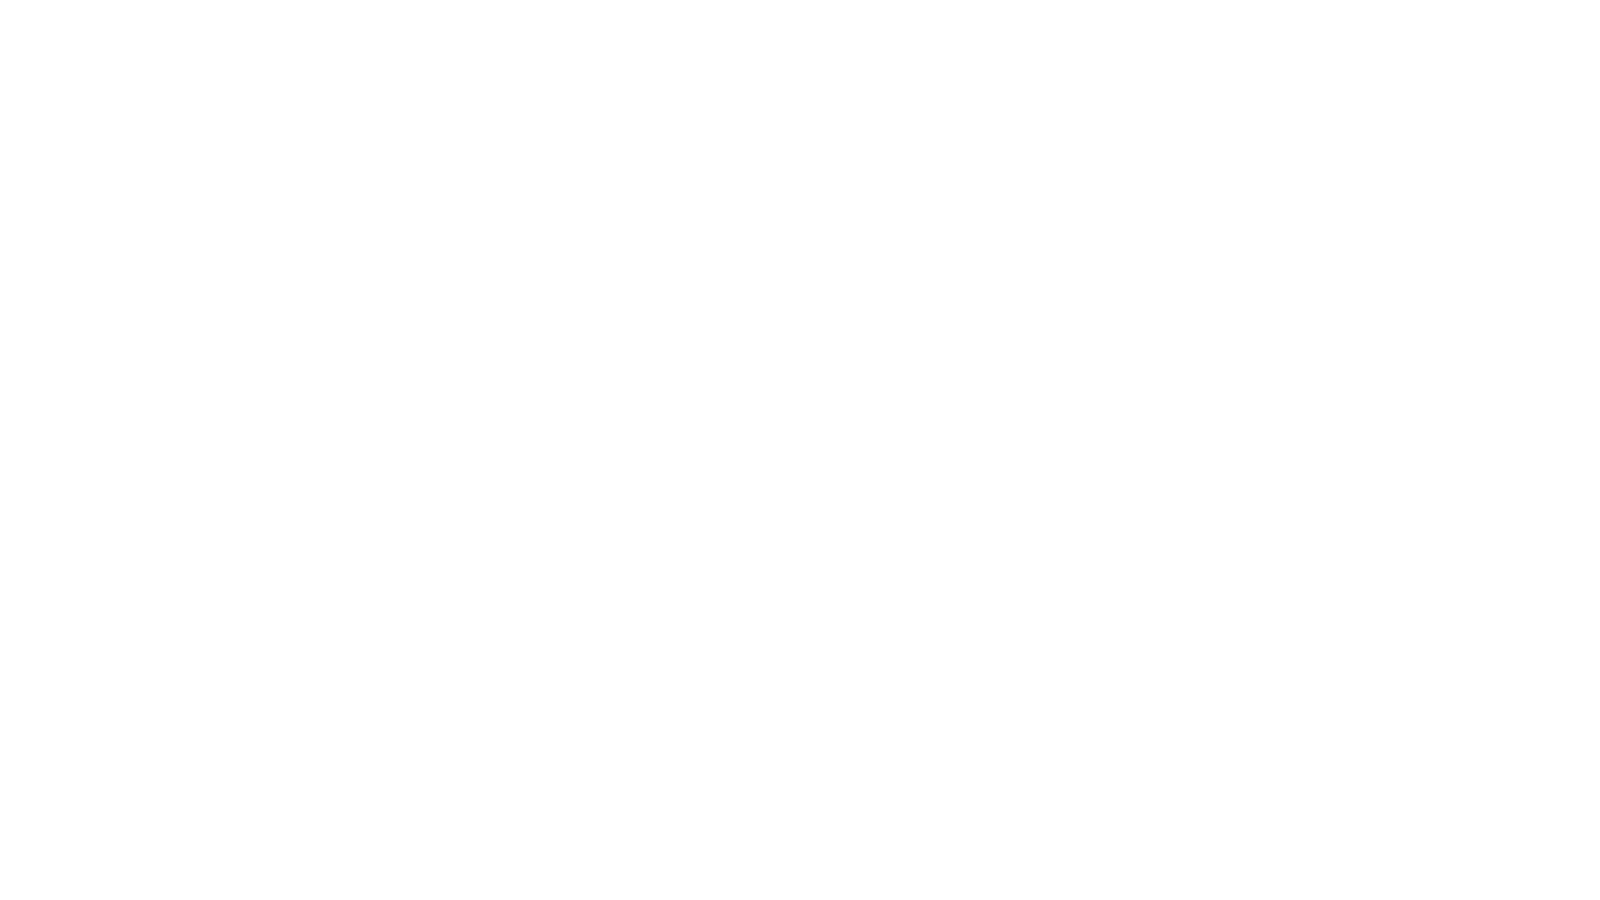 LA NARANJA DE SANTA FE en VIVO! (6/11/2020) Streaming desde el Centro Cultural Francisco Paco Urondo (Santa Fe) Queremos agradecer a Cultura Santa Fe por esta convocatoria.  Nuestra banda en formato semi-acústico: LUIS POLLO SAEZ (voz, guitarra y composición), GISELA TRENTO (voz y coros), EDUARDO GOYRI (percusión), MATÍAS LEMOS (teclado y coros), JUAN CRUZ BENÍTEZ (guitarra) y JAVIER MULE (bajo) Sonido: Manuel Segheso.  http://www.lanaranjadesantafe.com.ar  https://www.facebook.com/lanaranjadesantafe  Contacto: lanaranjadesantafe@gmail.com